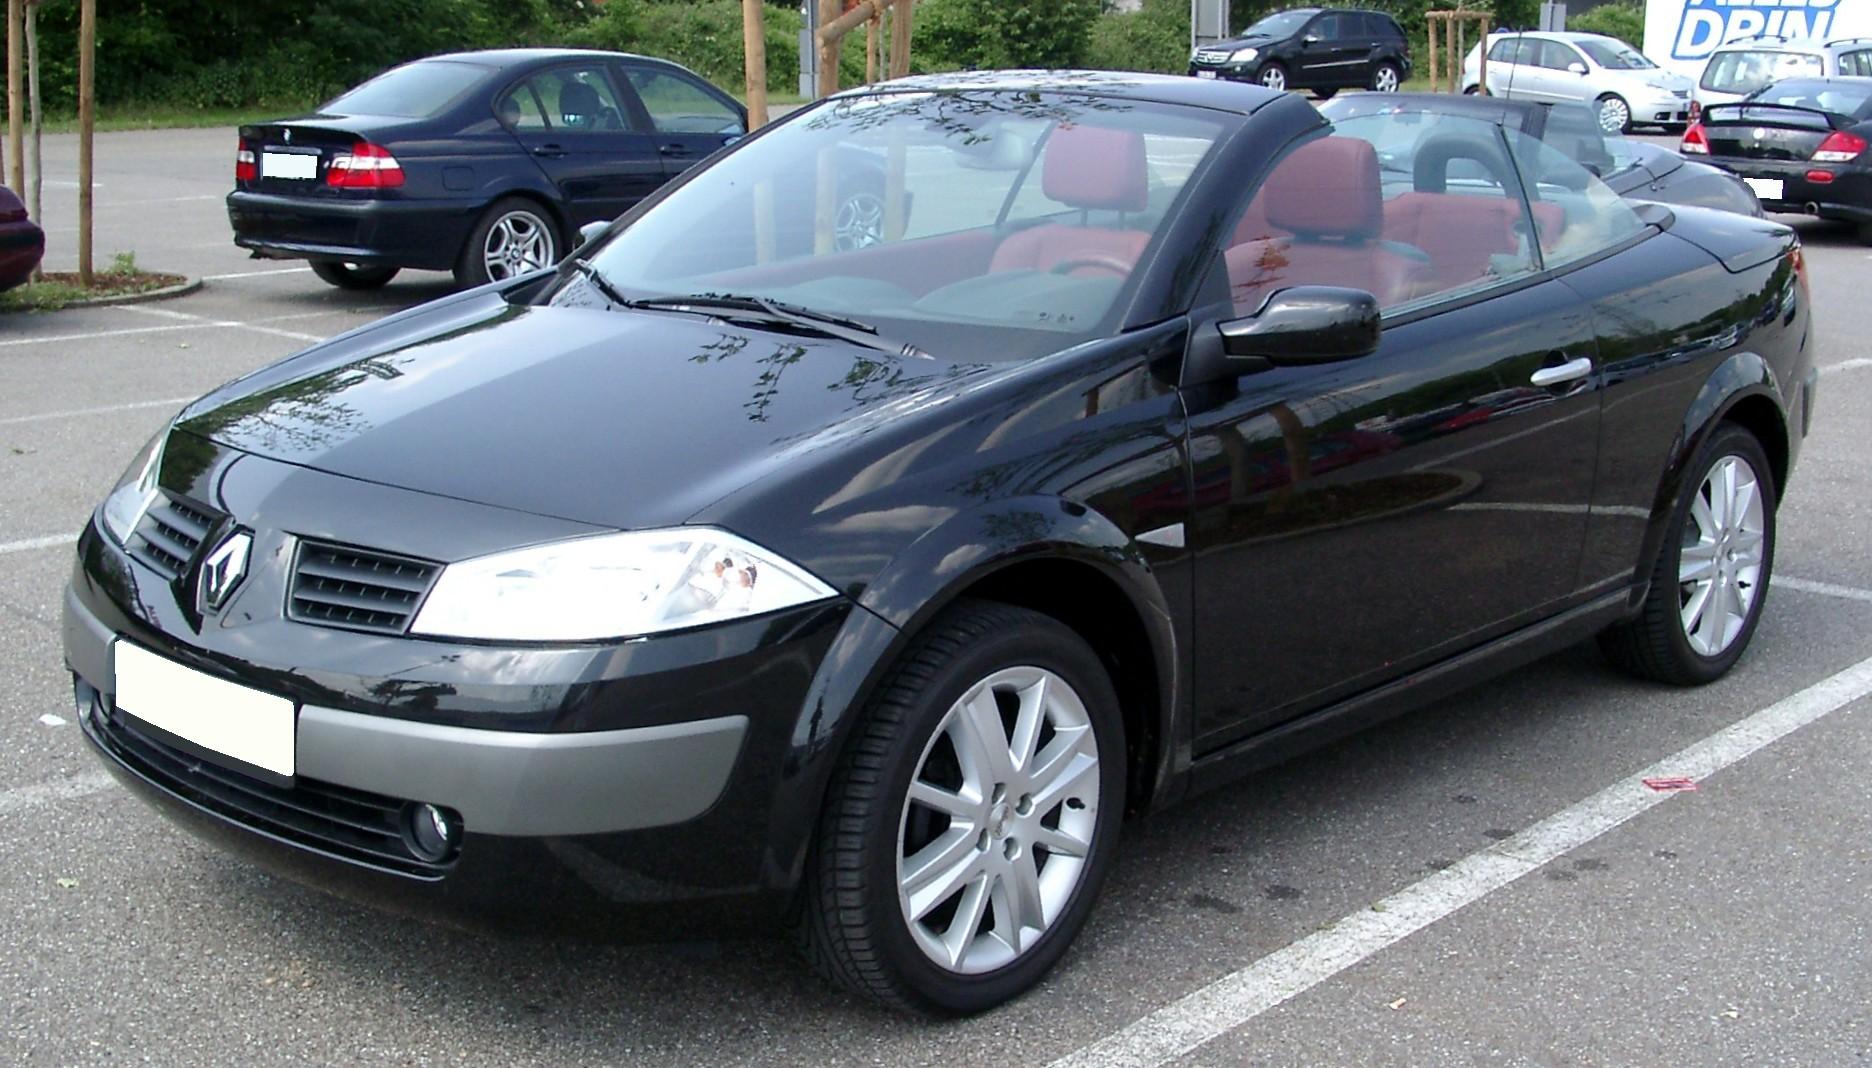 Renault Mégane 2 Coupé Cabriolet